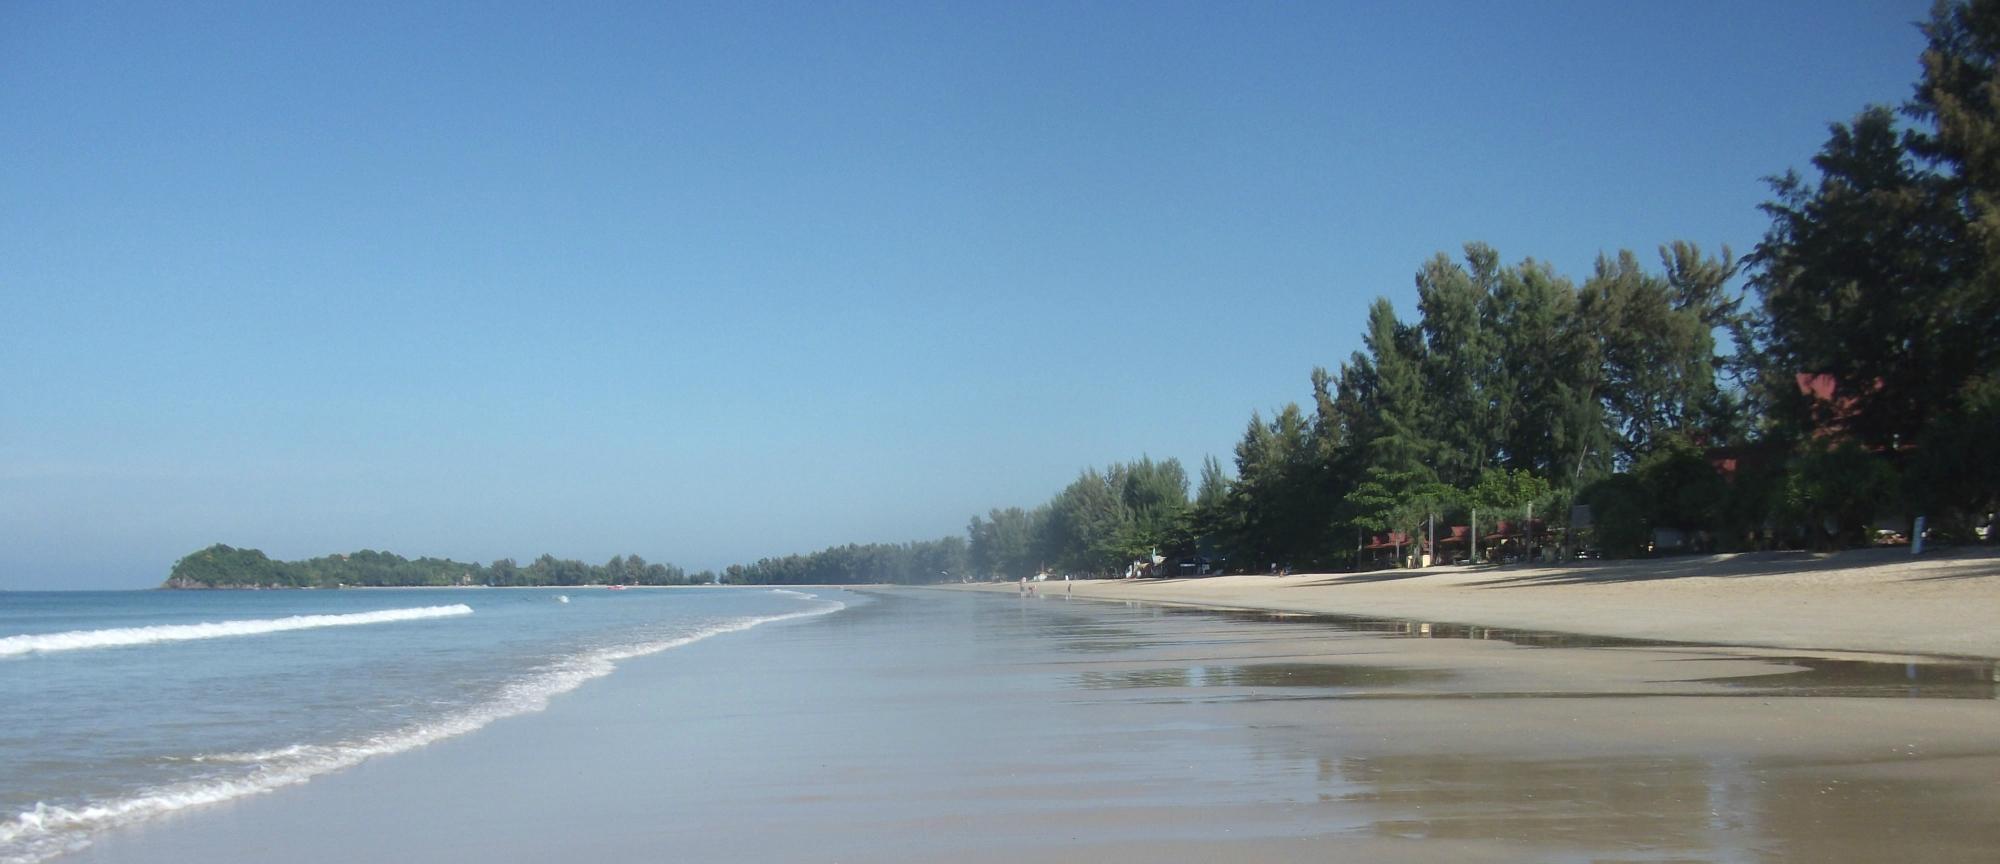 Пляж Клонг-Дао